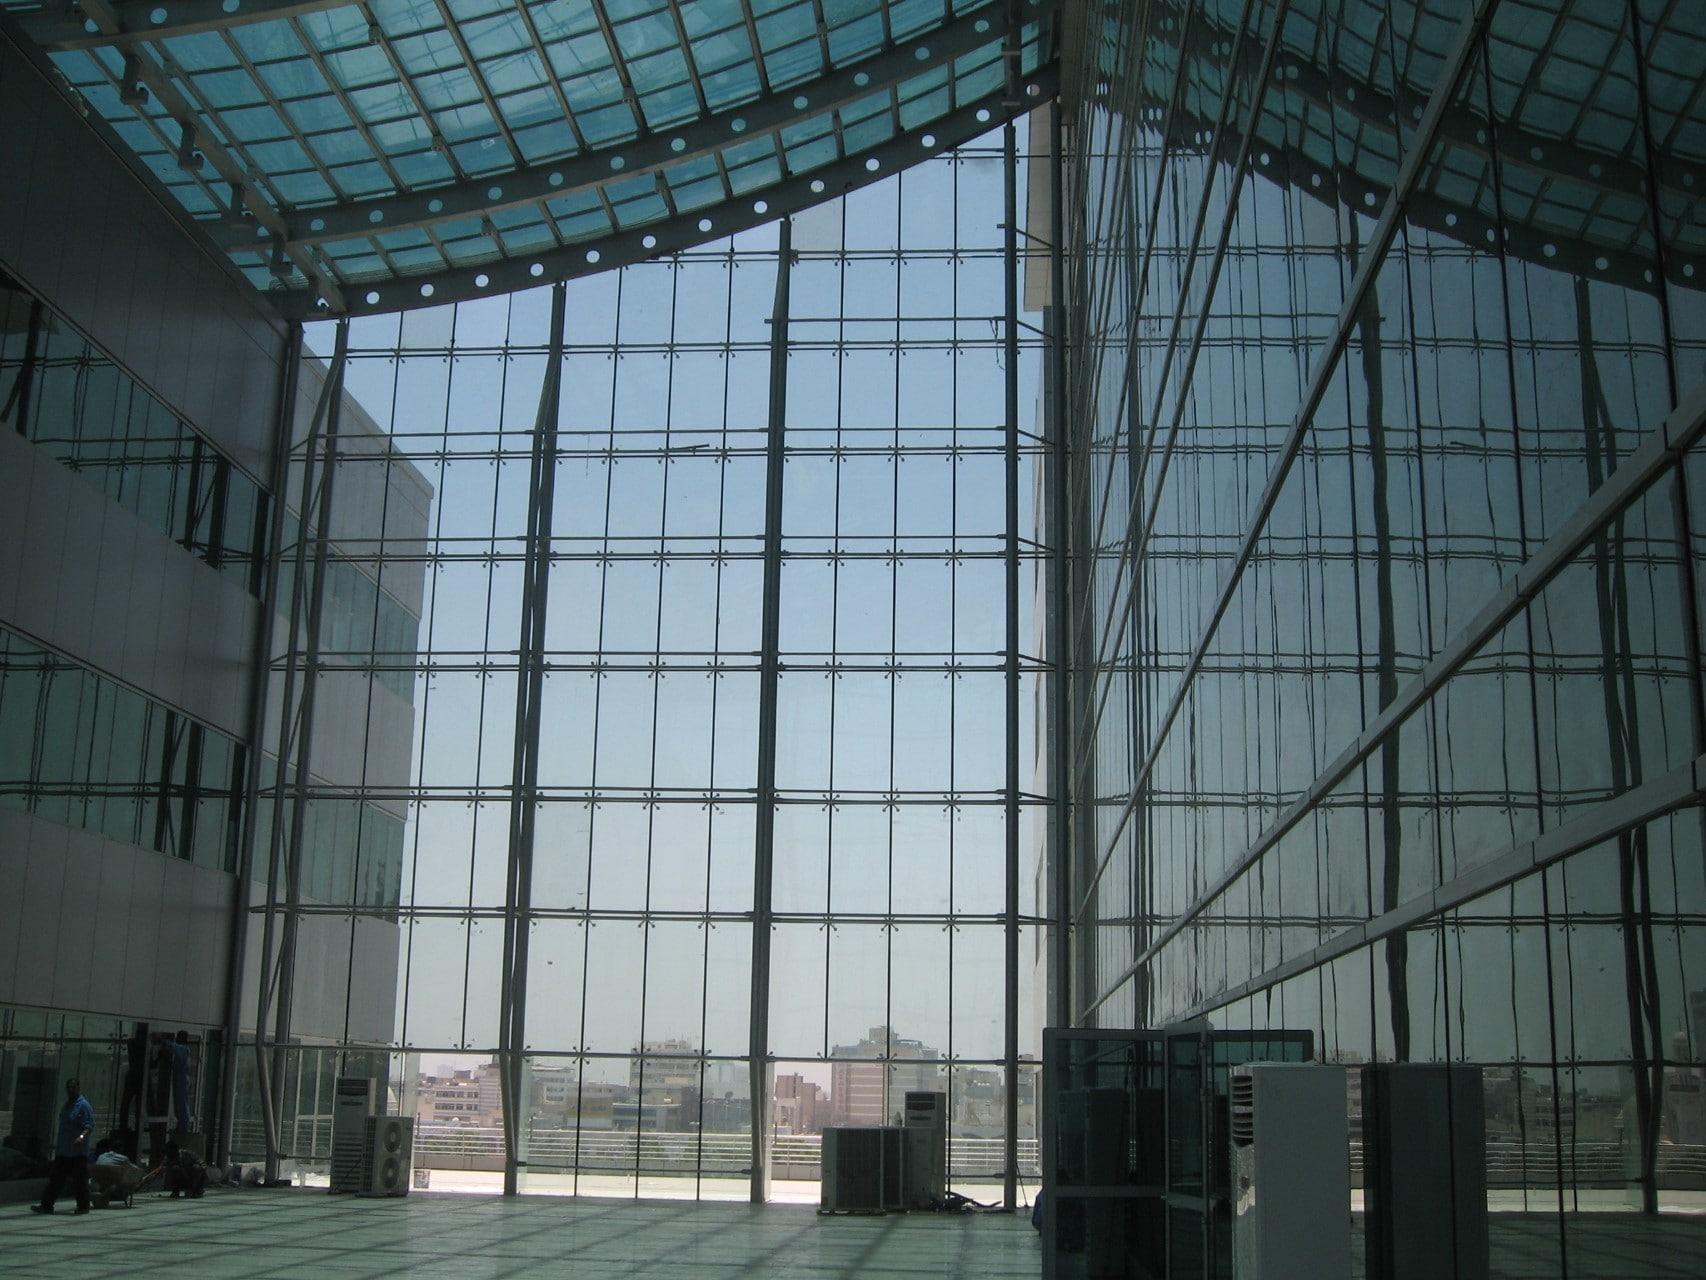 نمای شیشه ای نوع دیگر به شرح تصویر